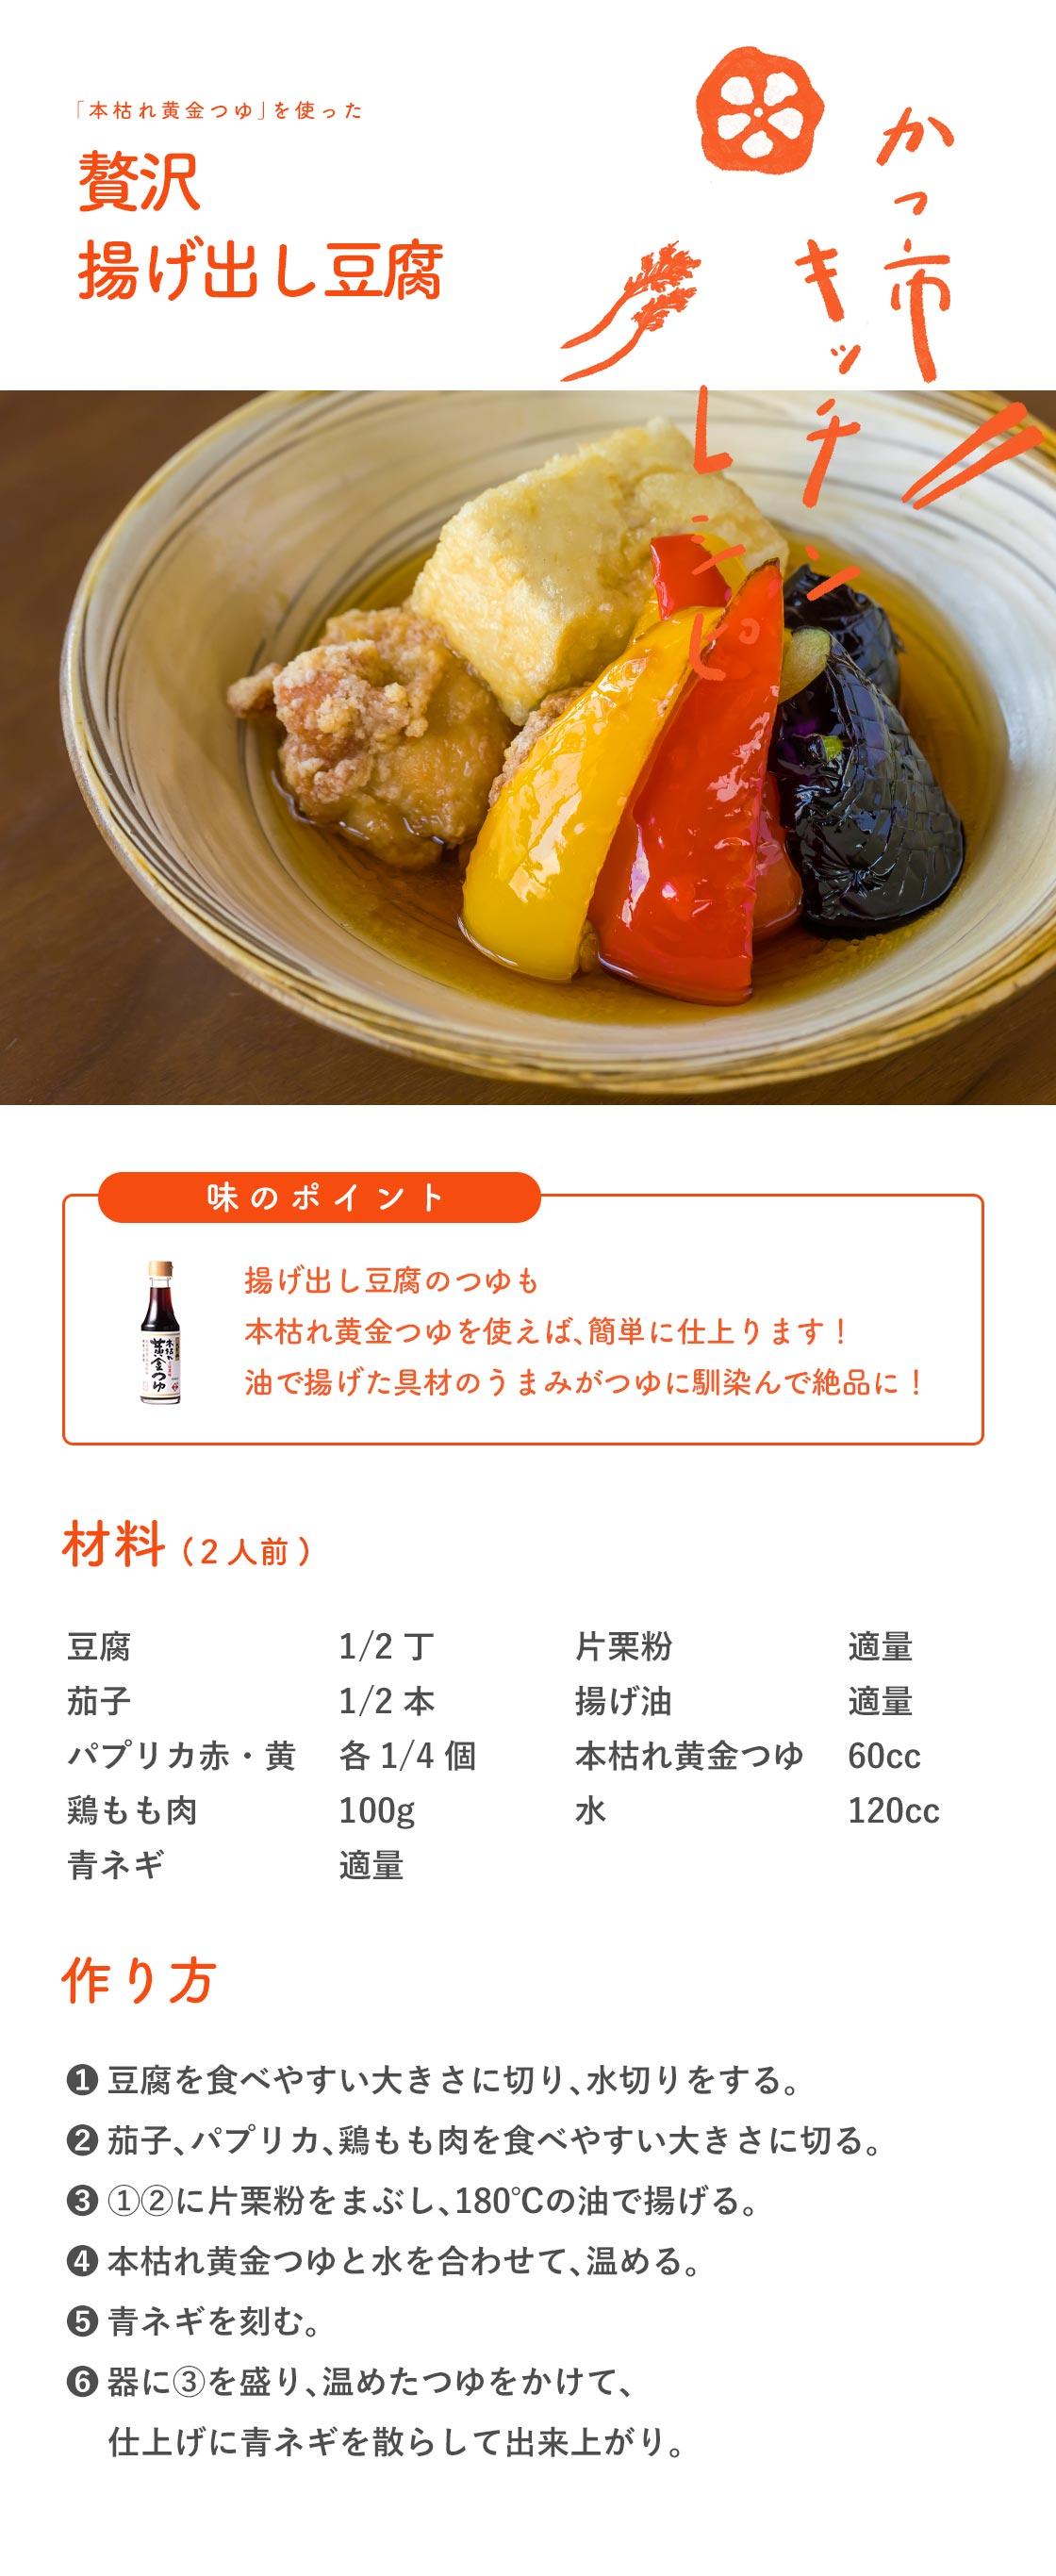 贅沢揚出し豆腐のレシピ